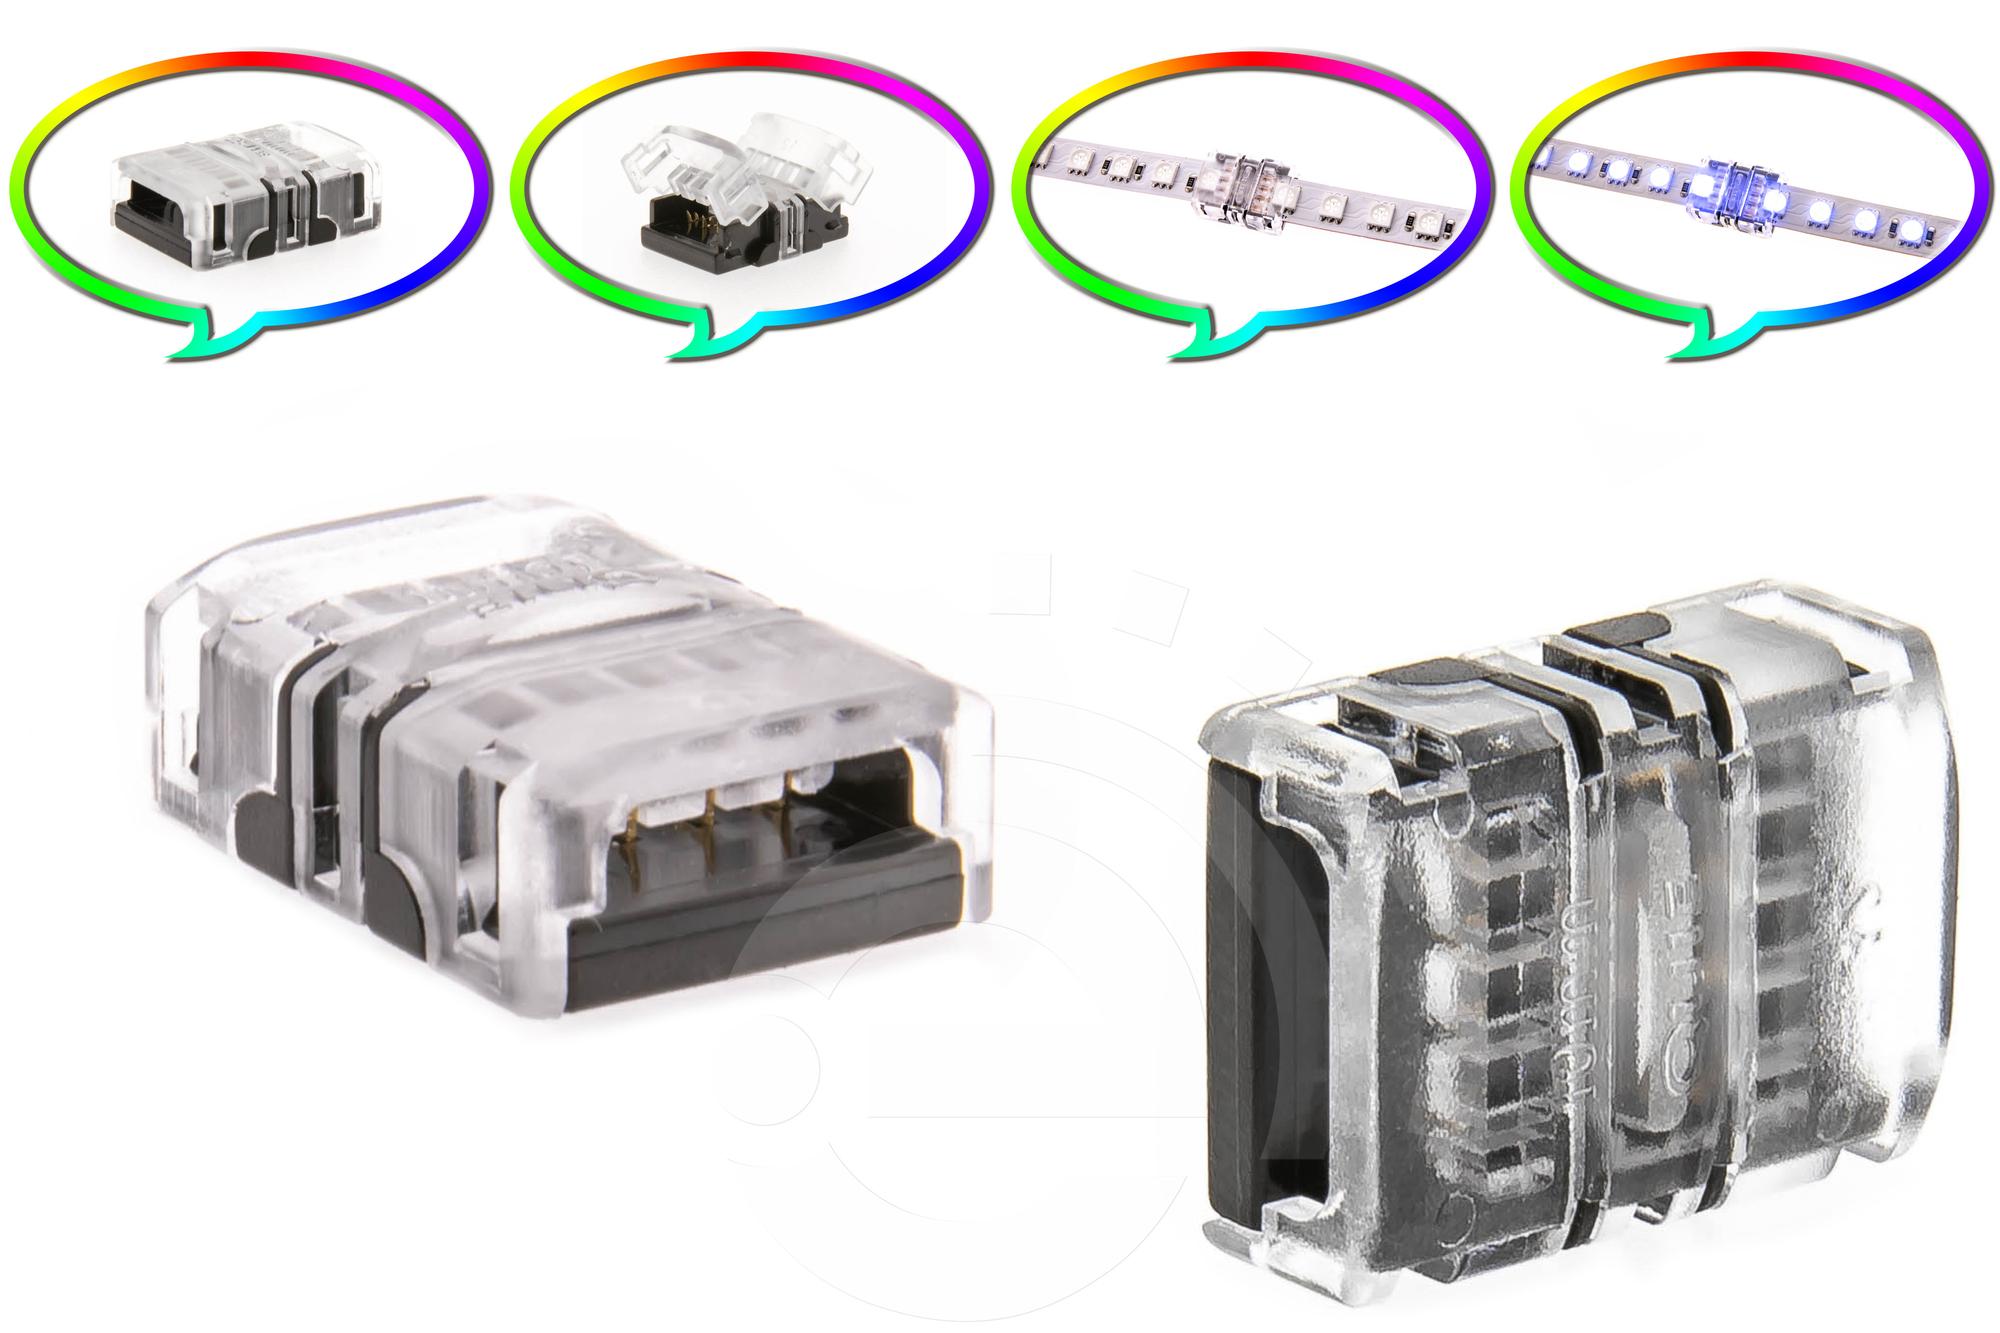 10mm RGB Schnell Verbinder für LED Streifen 4-Pin Adapter Strip / Stripe Direkt